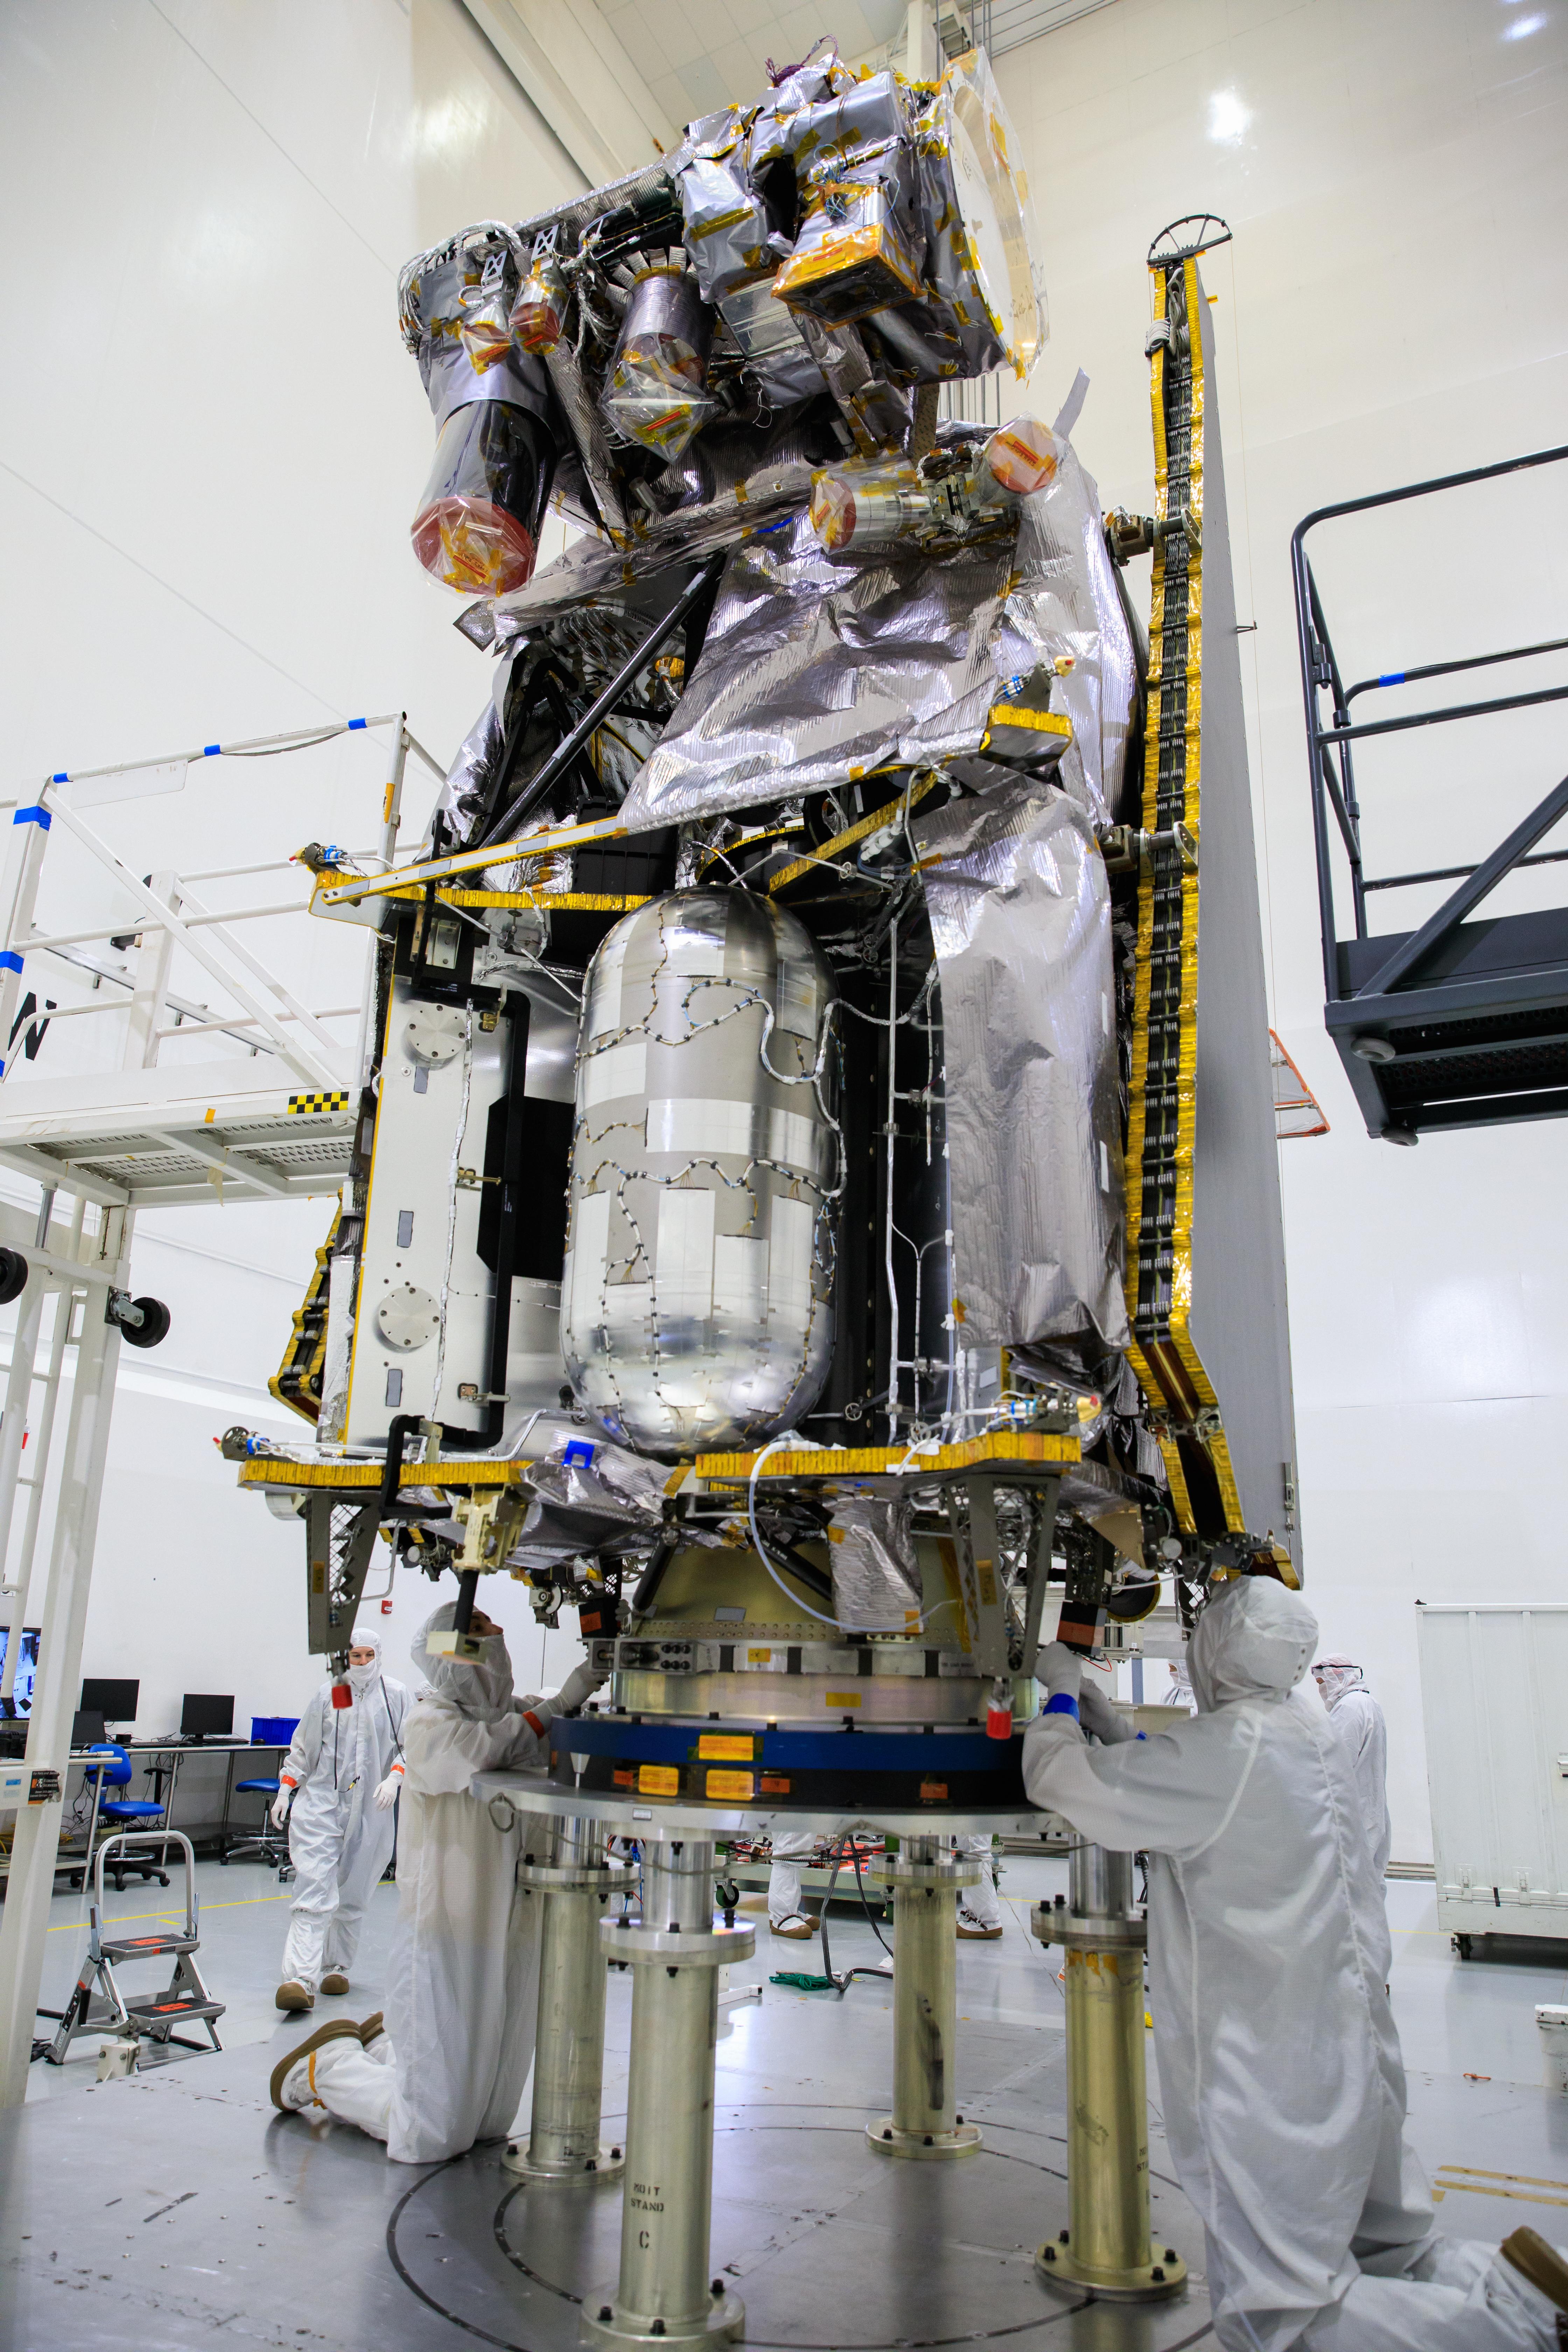 Lucy - Préparation et suivi de la mission (astéroïdes et troyens) - Octobre 2021 - Page 2 Lucy_spacecraft_lifted_to_rotation_stand_%28KSC-20210804-PH-KLS01_0001%29